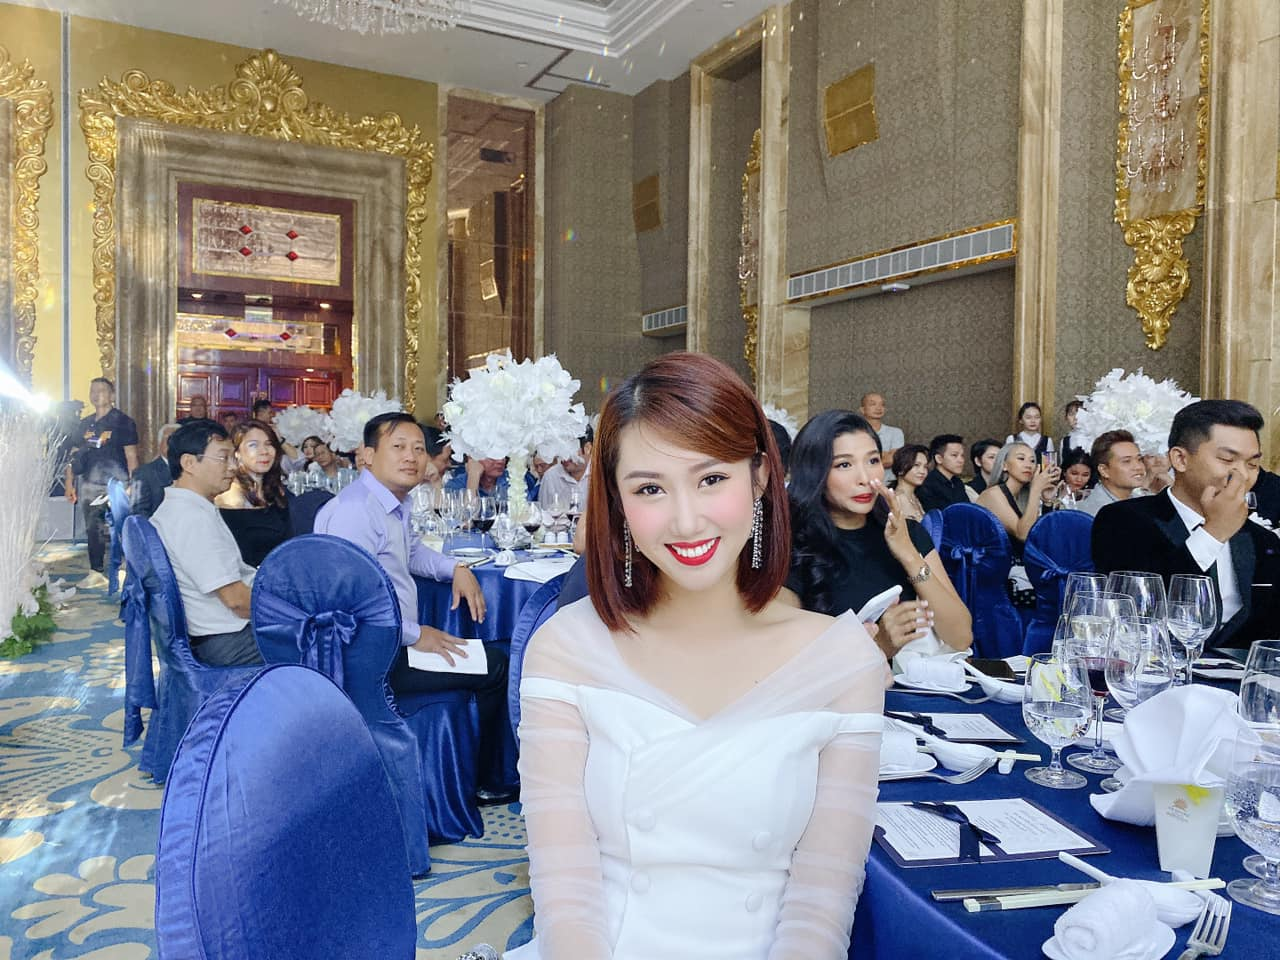 Đám cưới Bảo Thy gây choáng với thực đơn toàn sơn hào hải vị - 4